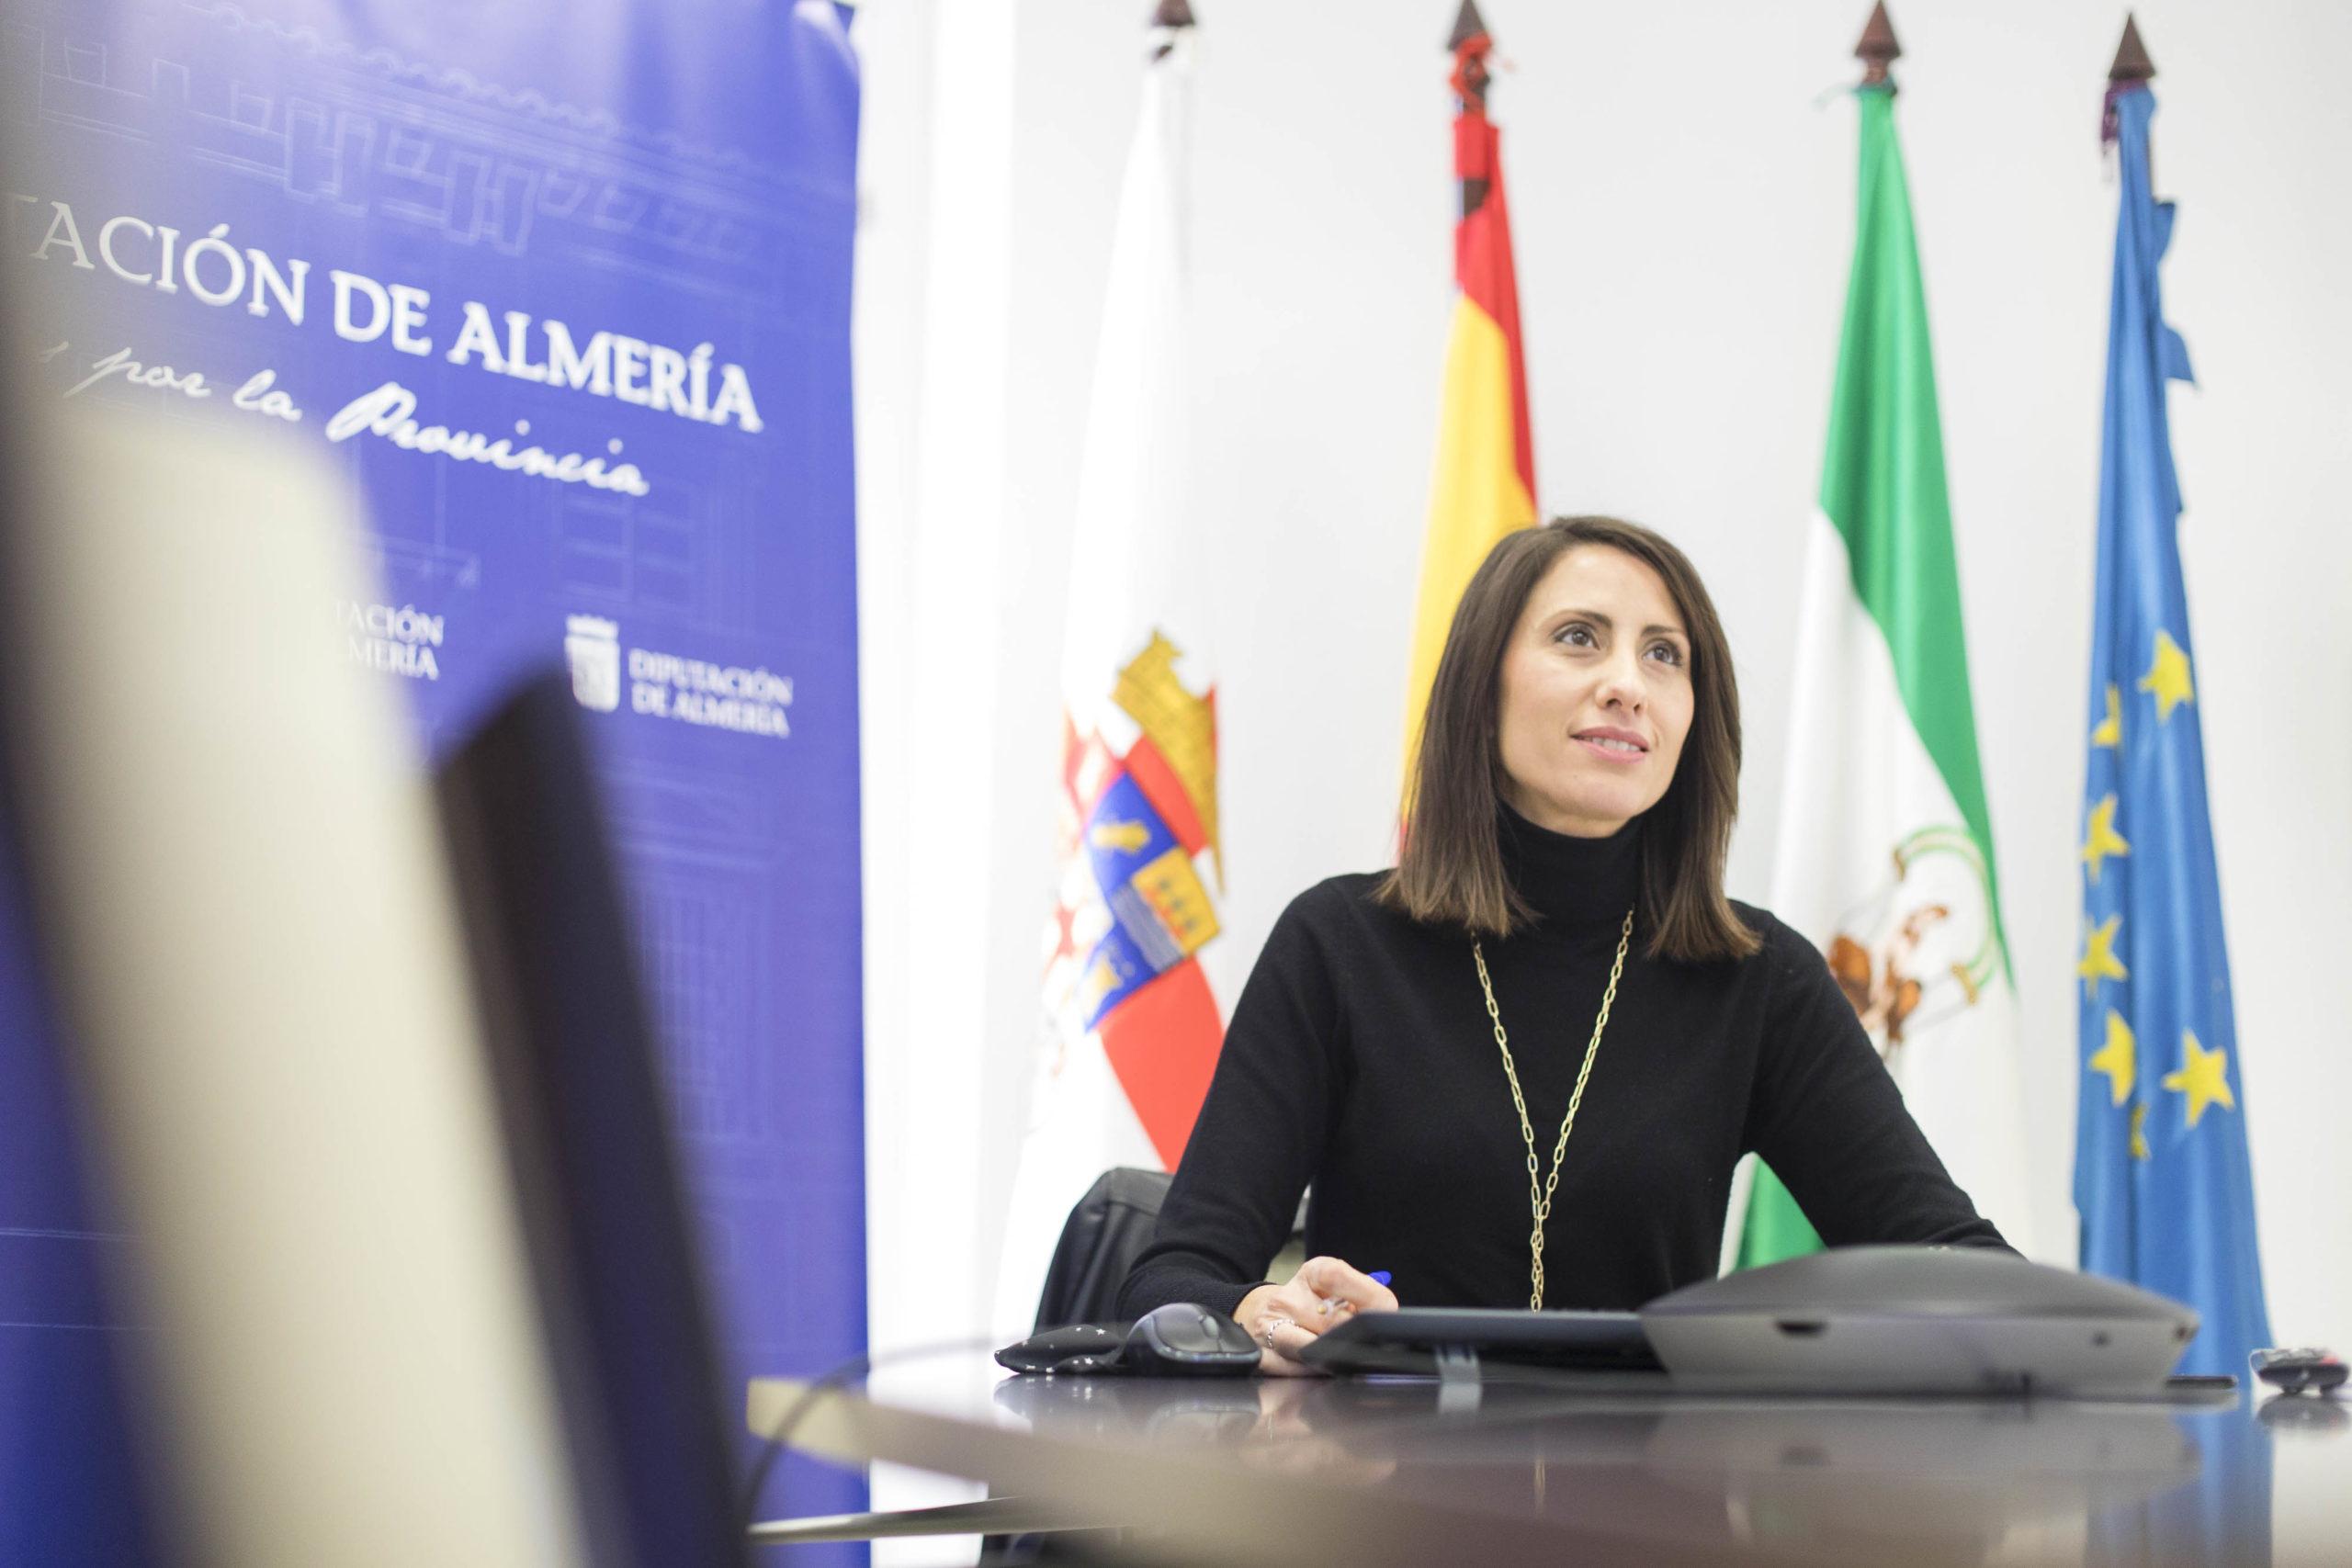 Diputación de Almería coordina con las diputaciones andaluzas la imagen para conmemorar el 8 de marzo